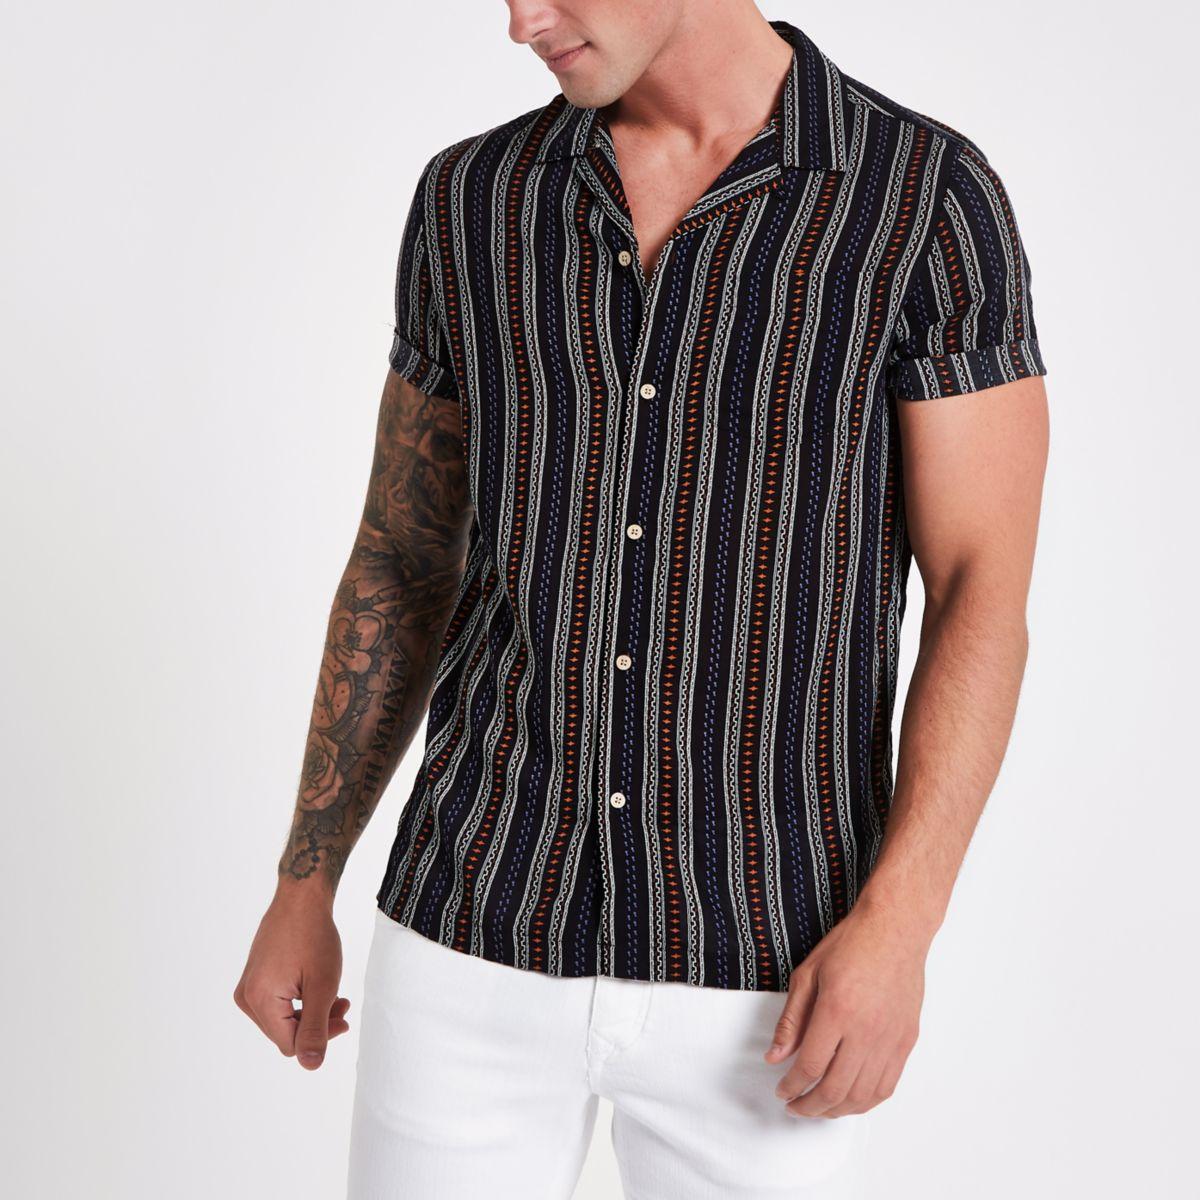 Chemise à rayures aztèques noire avec revers